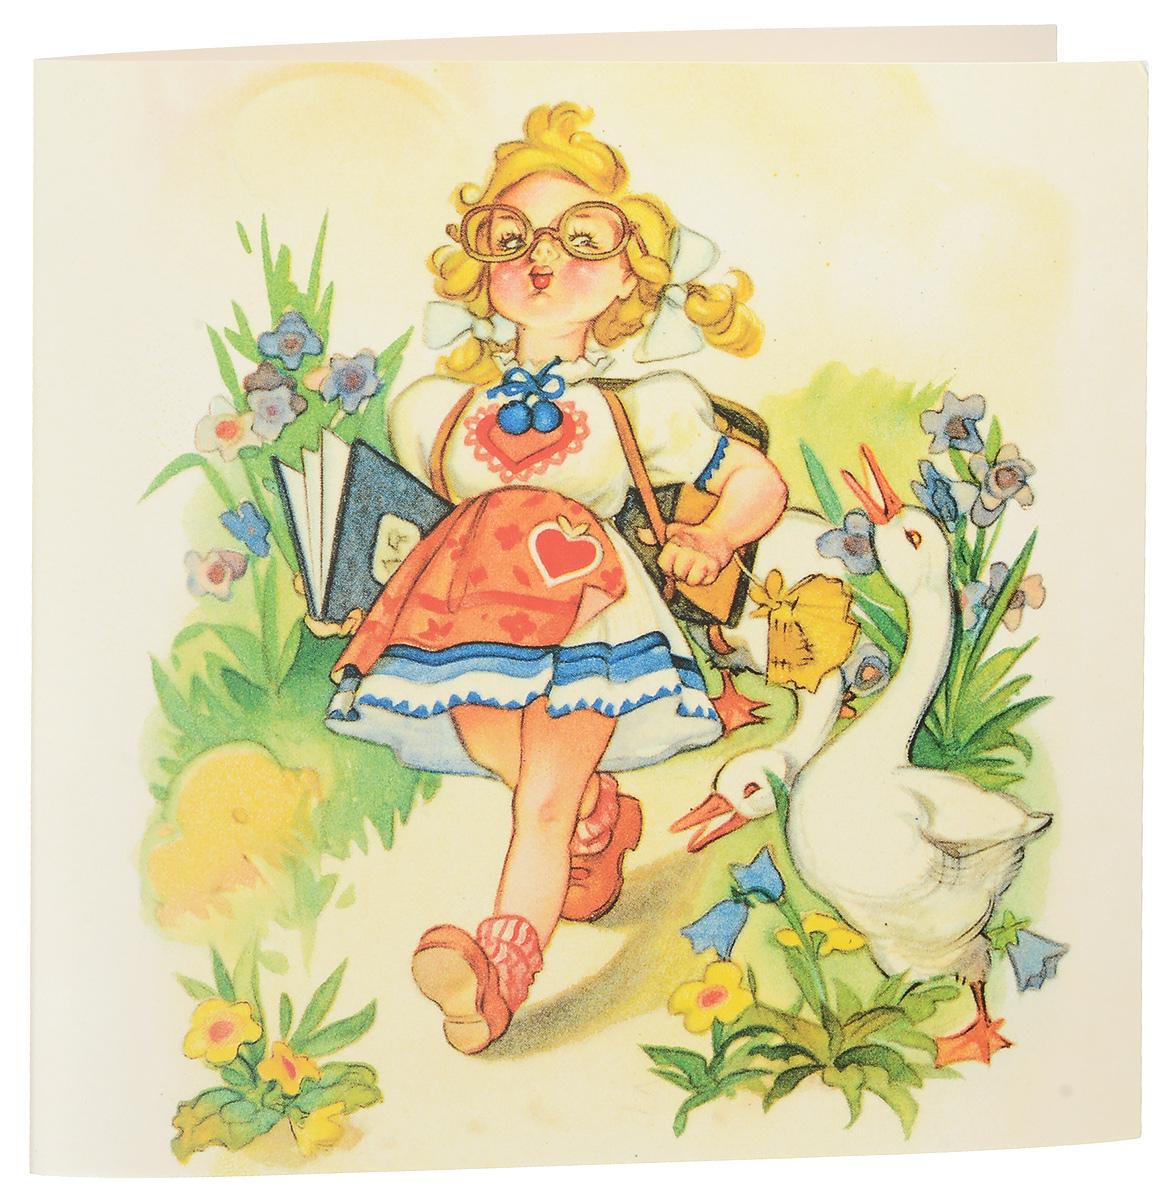 Открытка поздравительная Darinchi № 33, формат А5. Авторская работа93385Замечательная поздравительная открытка.